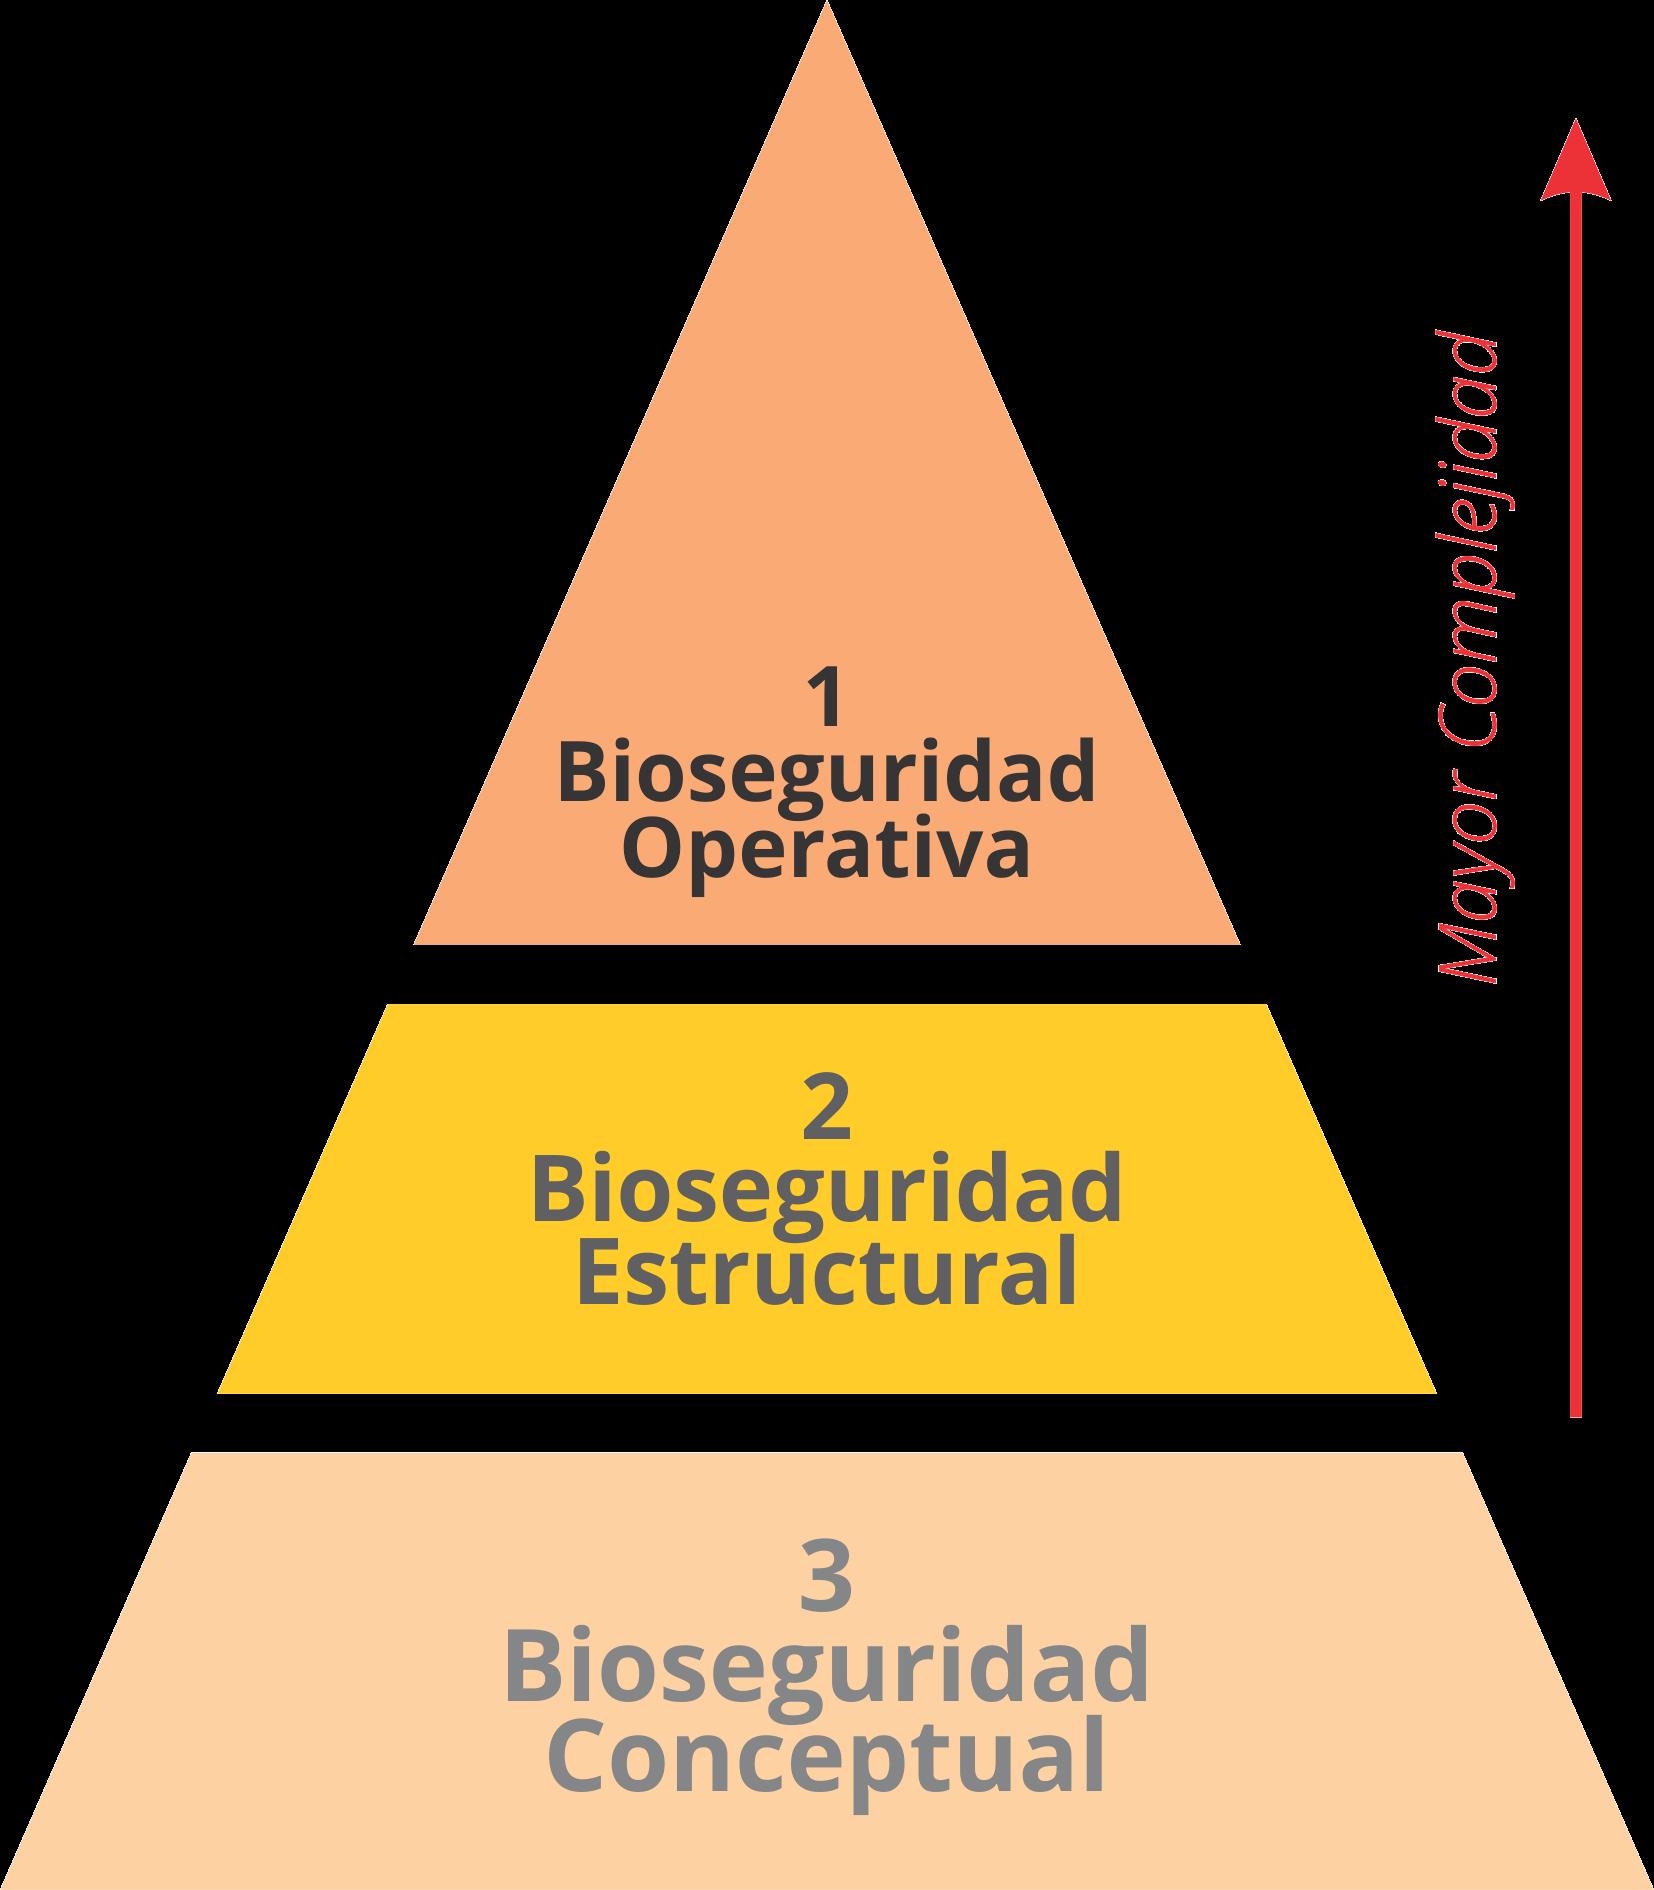 Bioseguridad - Clasificación